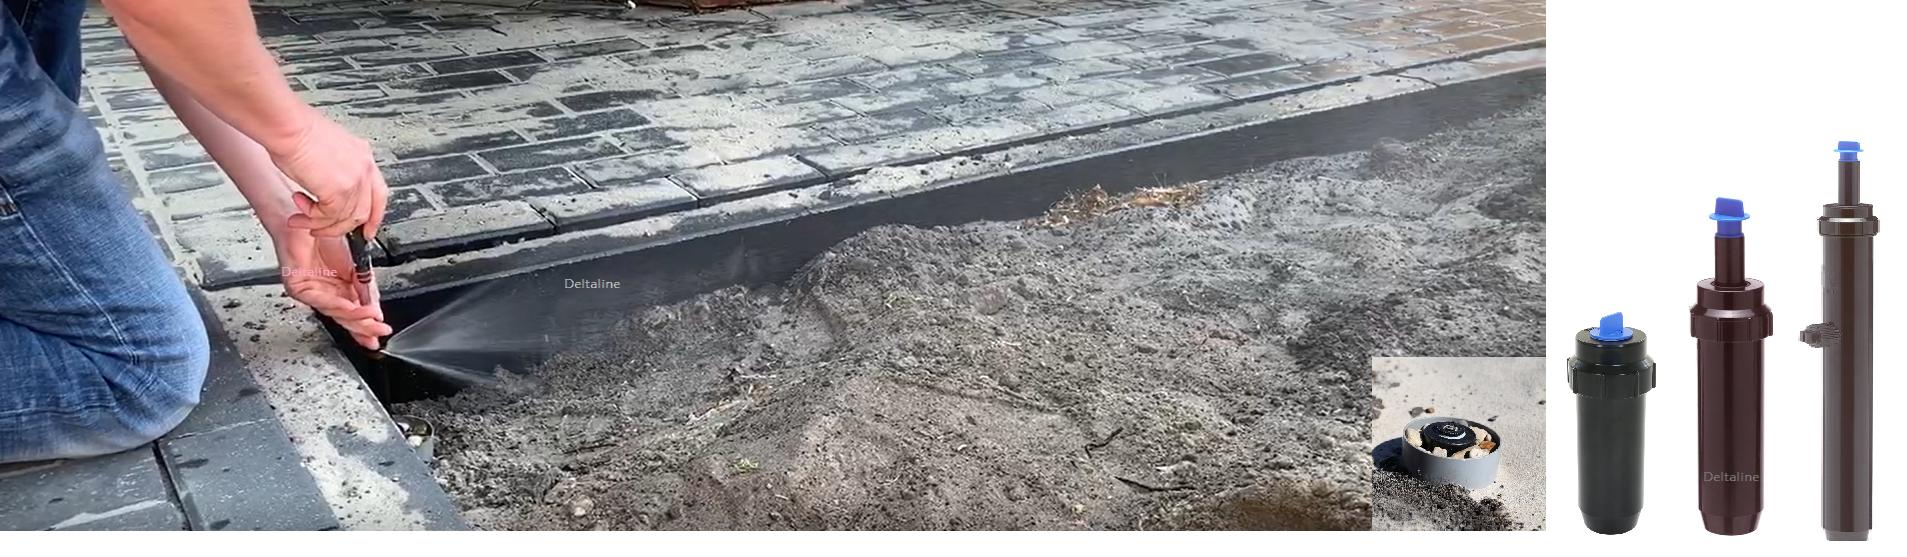 K-Rain pop-up nevelsproeier onder constructie